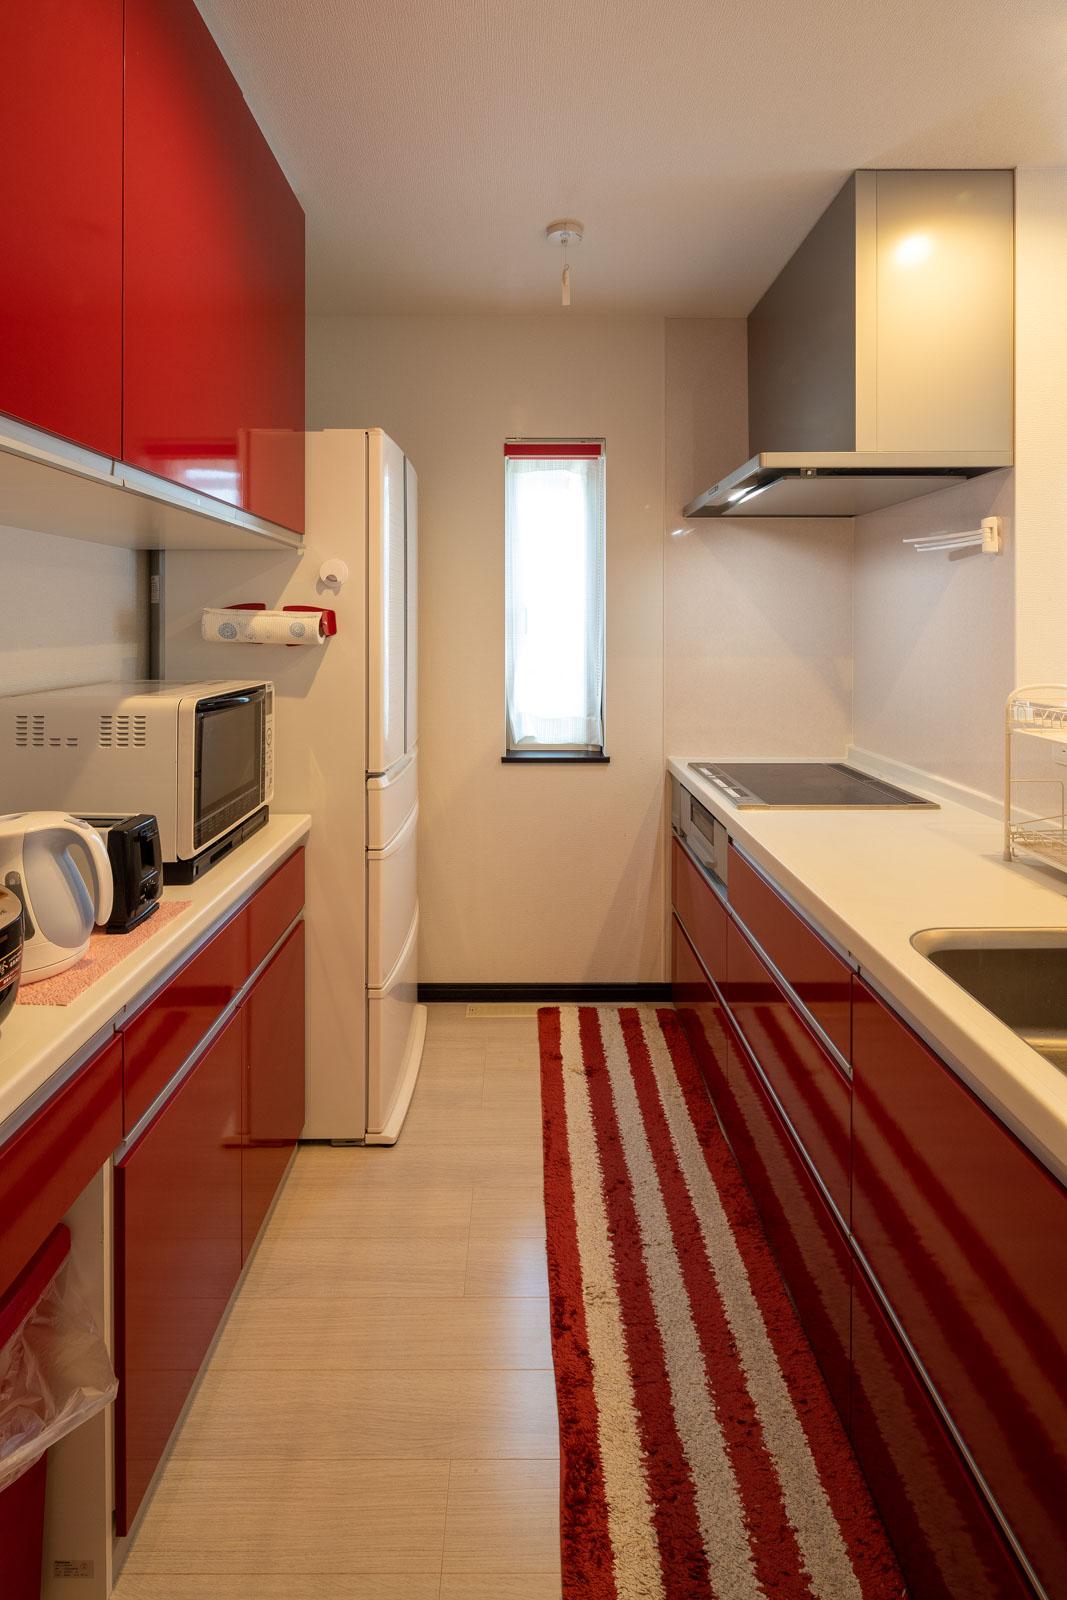 レッドをポイントカラーで採用した子世帯のキッチン